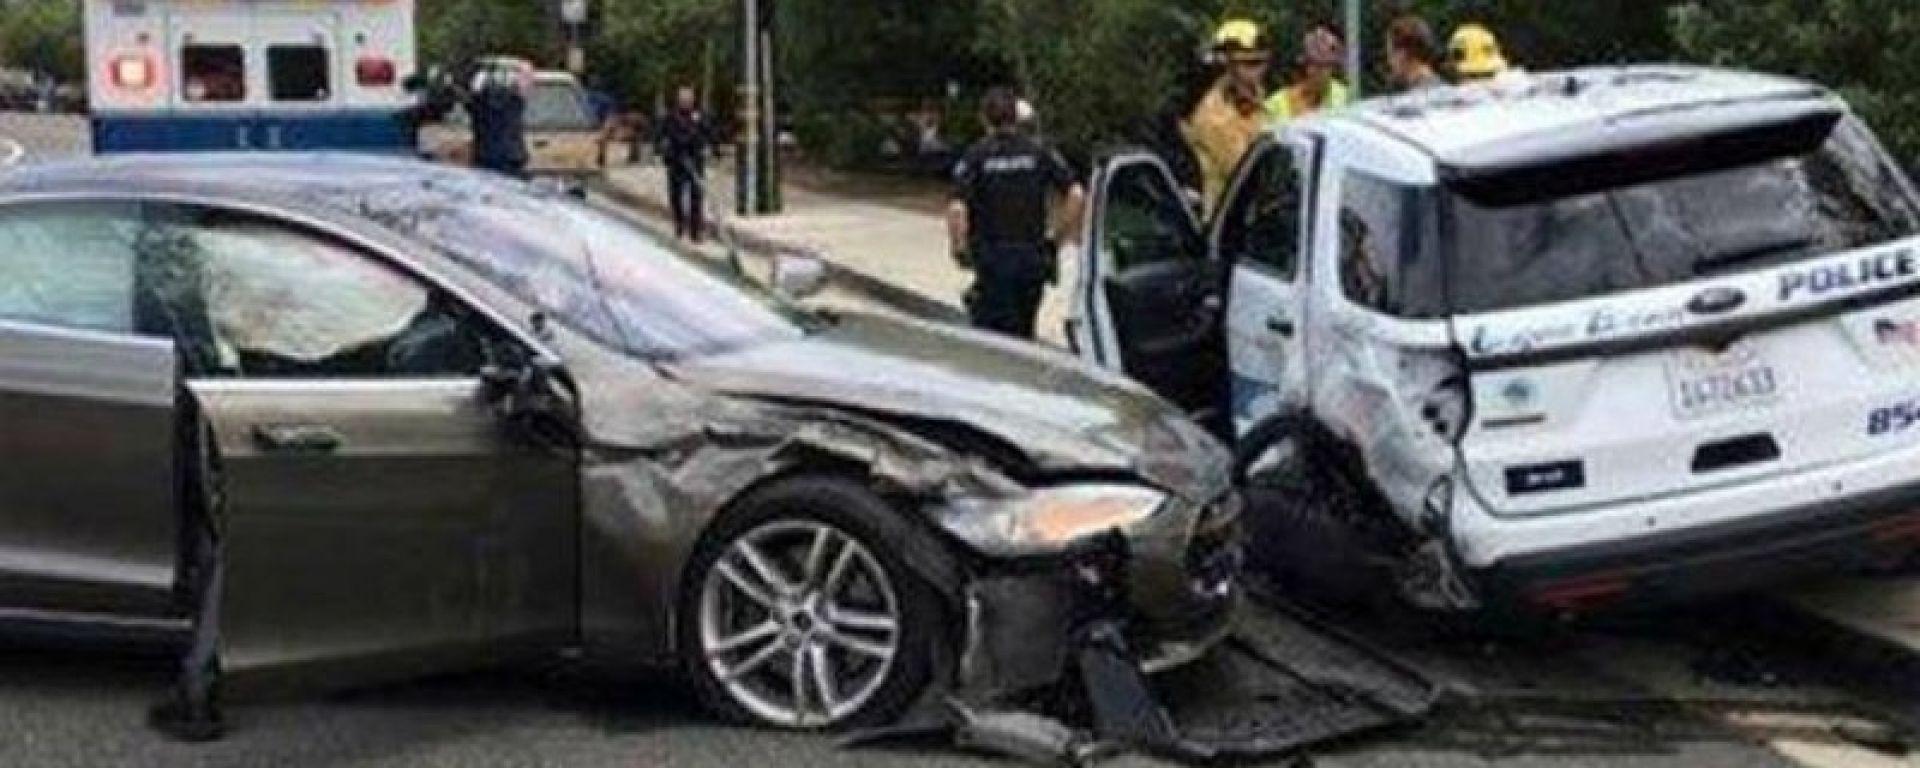 Attiva l'Autopilot sulla sua Tesla Model S: si schianta contro la polizia